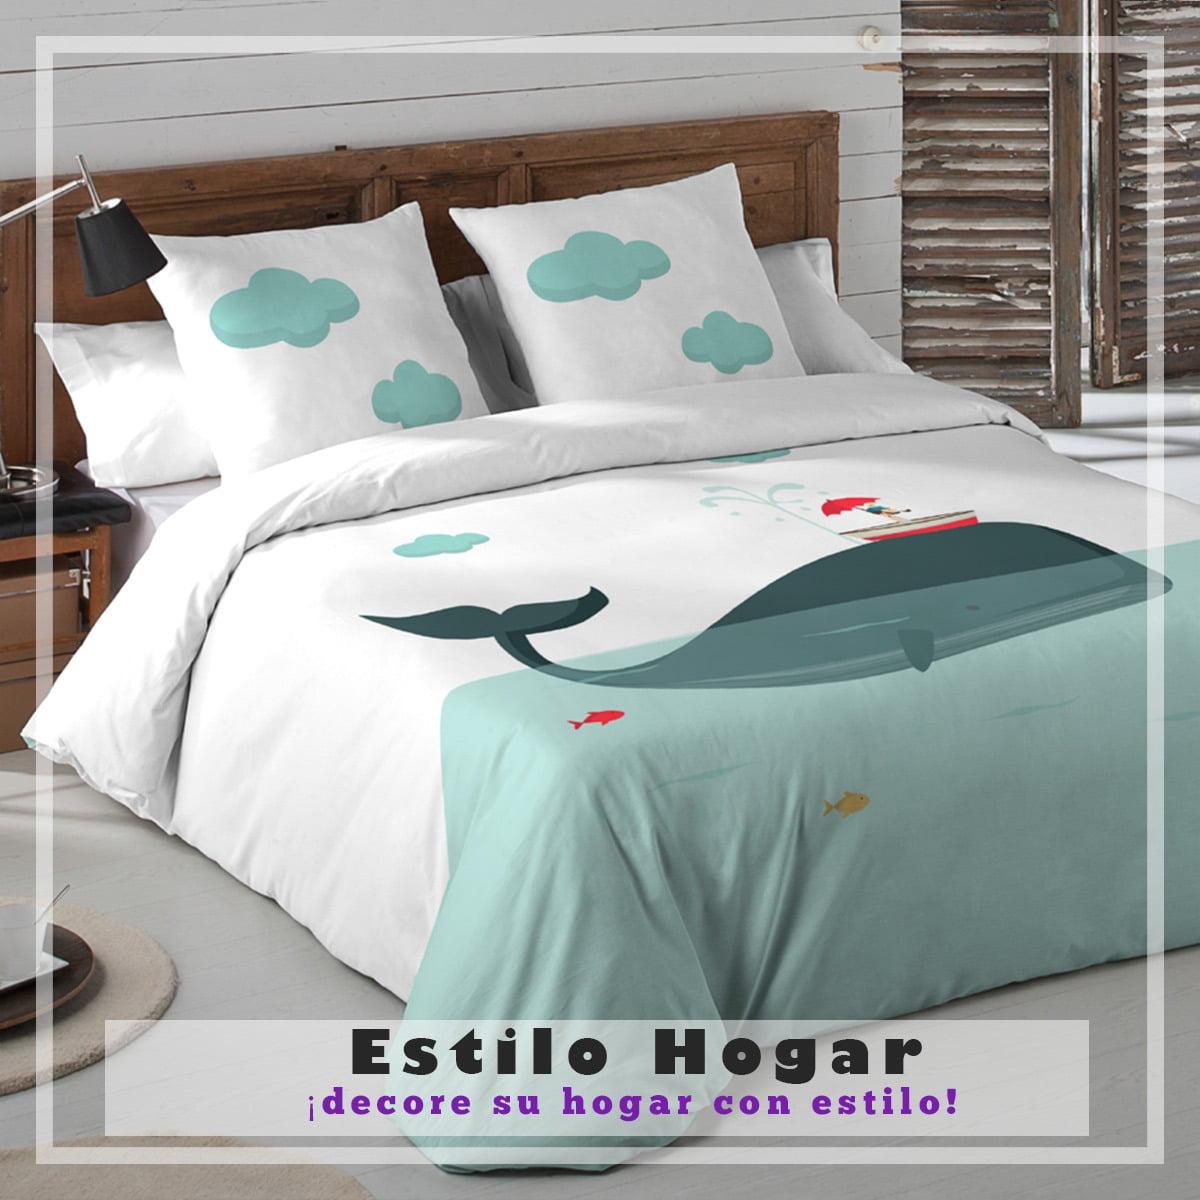 Funda Nordica Frozen 105.Funda Nordica Marinero La Tienda Textil Nº1 En Toda Espana